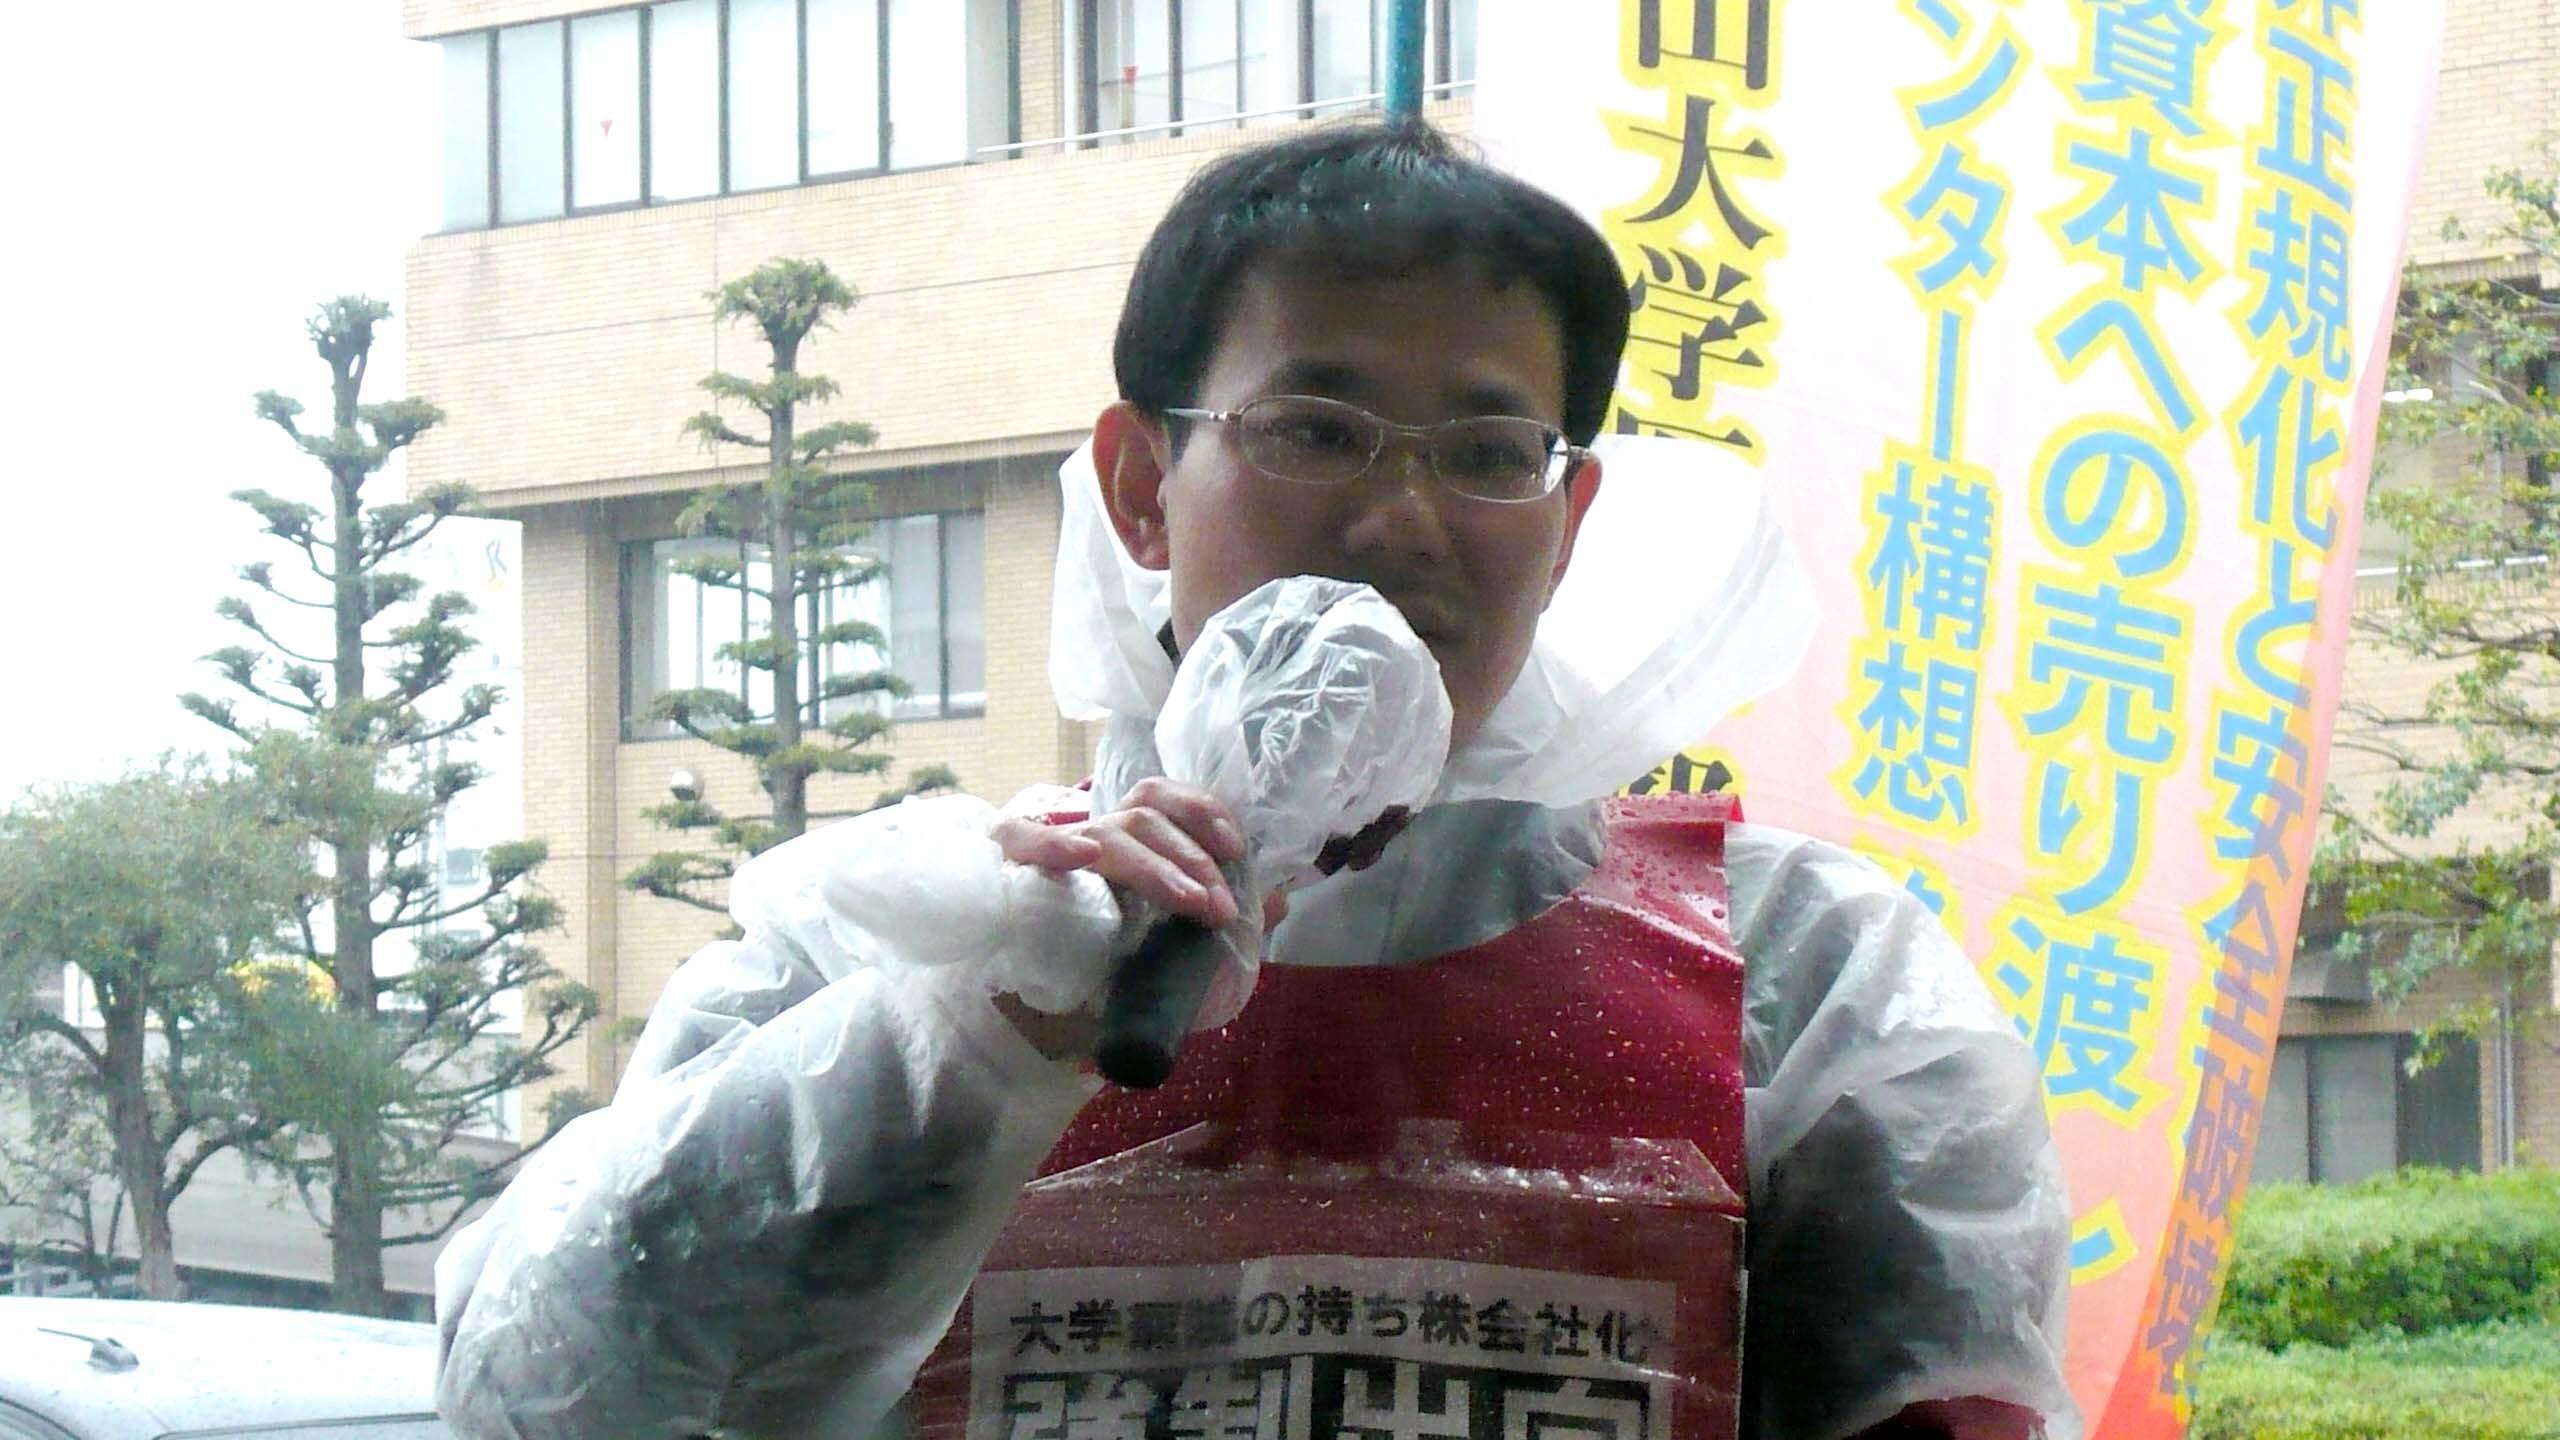 3月31日、岡山大学医学部職員組合の仲間が、「岡山大学メディカルセンター構想白紙撤回!」「2018年3月非正規職一斉解雇・強制出向絶対反対!」を掲げ、学内集会とデモ行進をやりました。_d0155415_16393198.jpg